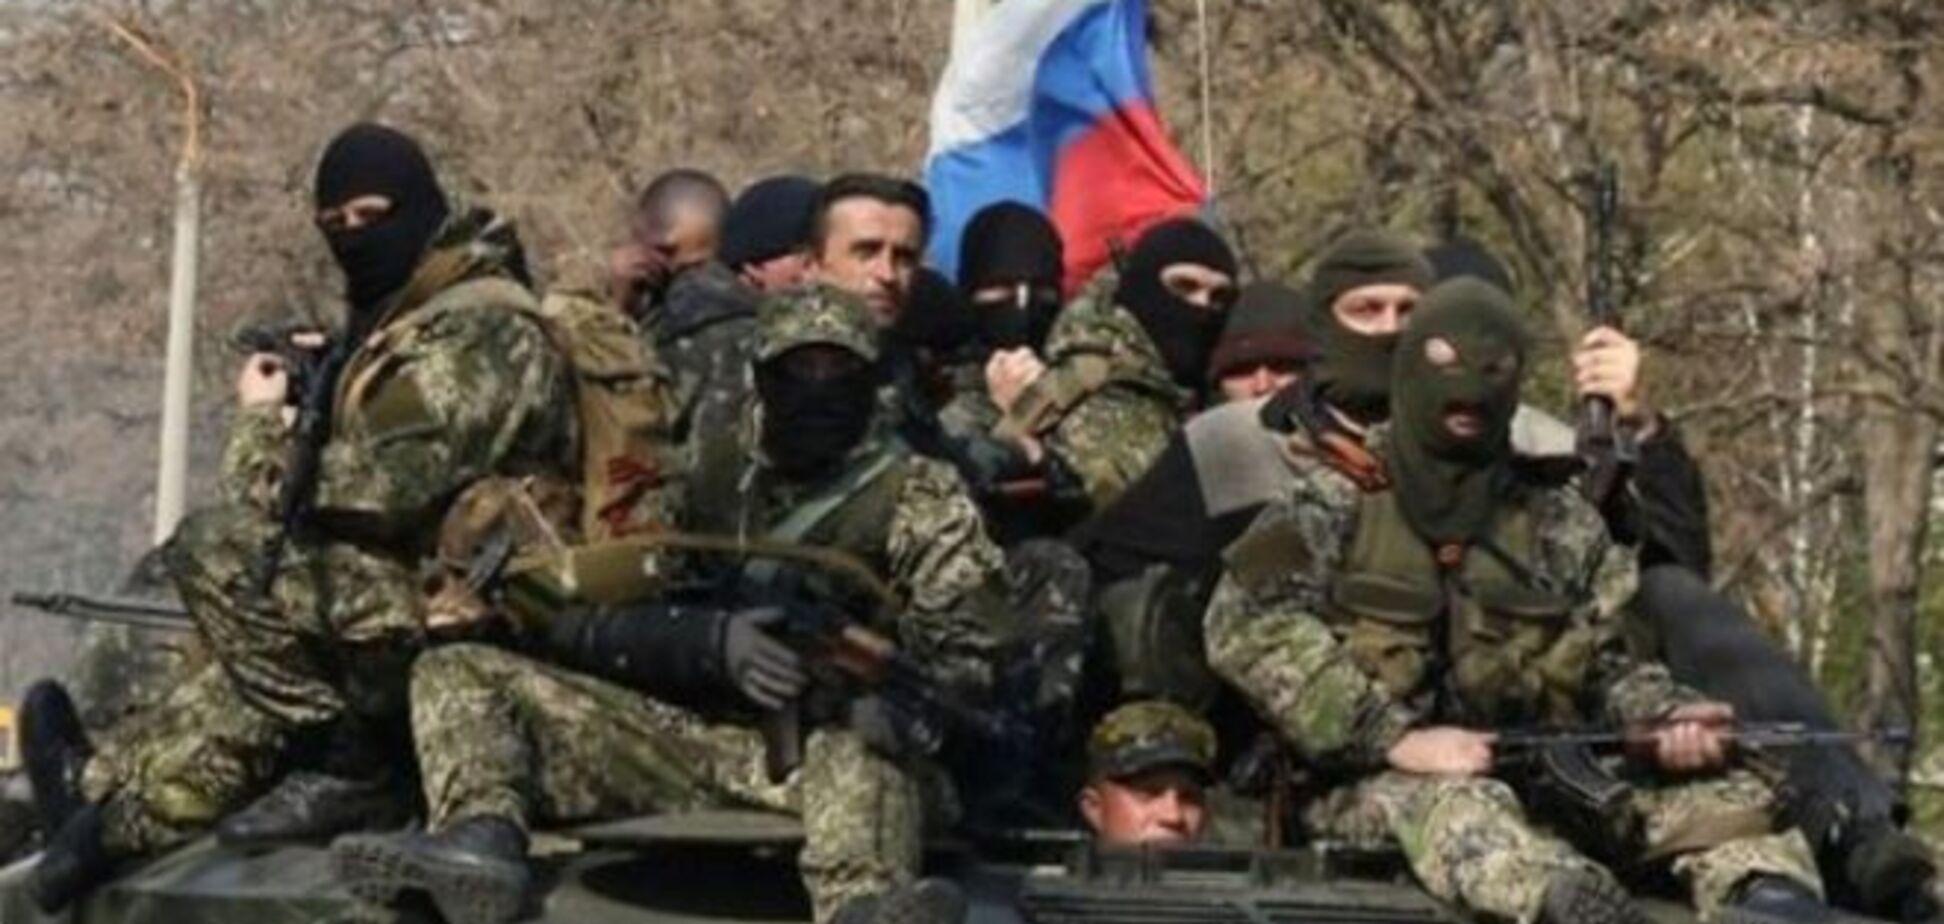 Есть простой способ остановить агрессию России – генерал Гречанинов